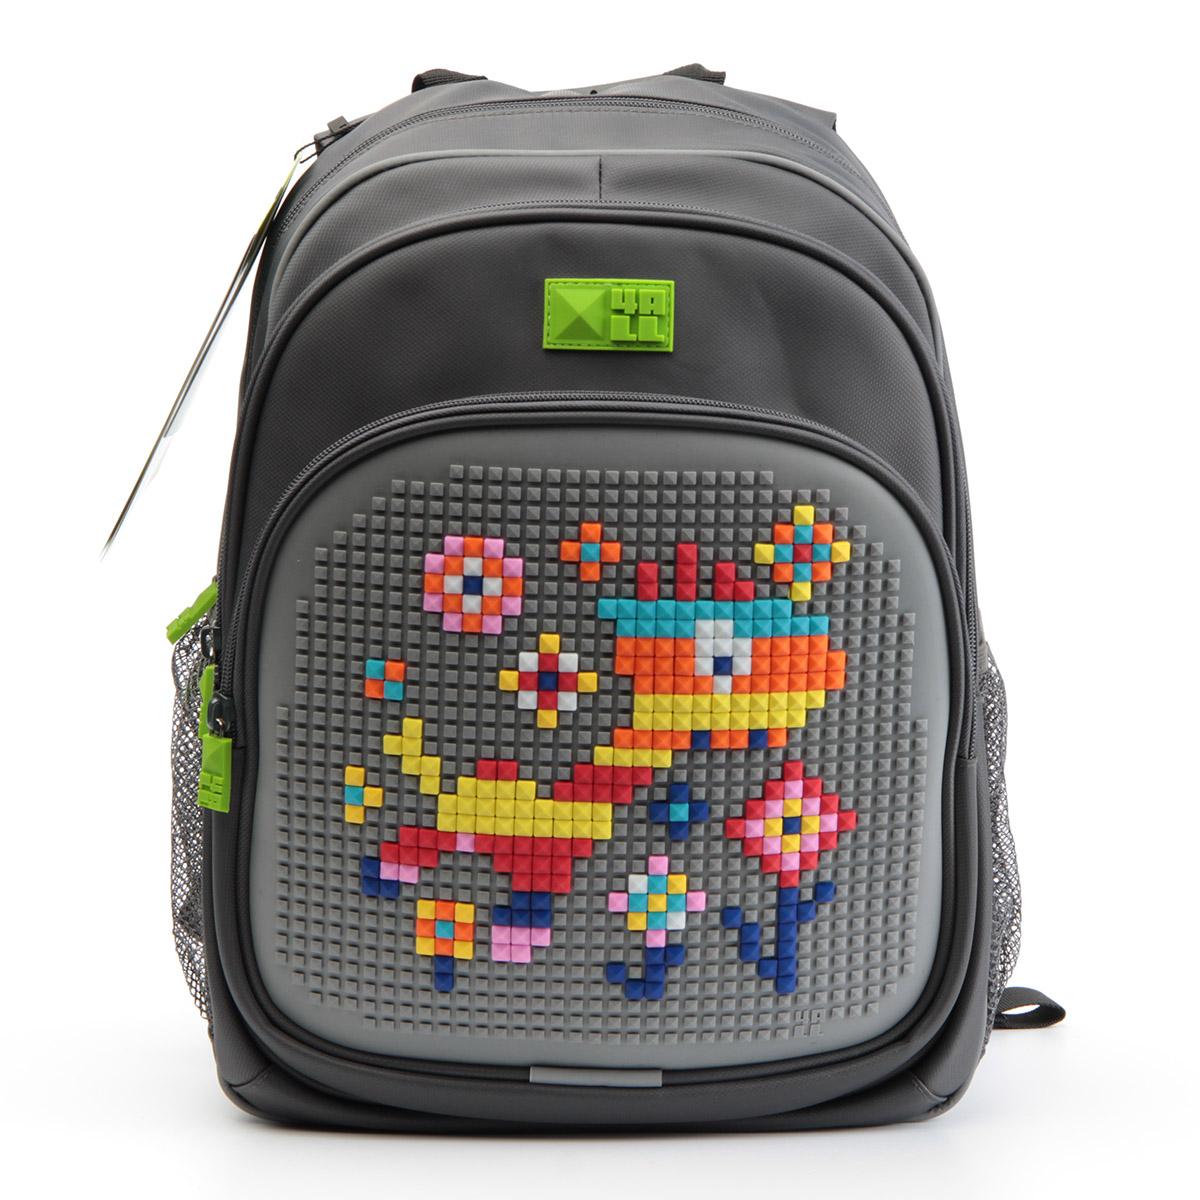 4ALL Рюкзак для мальчиков Kids цвет серыйRK61-12NРюкзак бренда 4ALL - это одновременно яркий, функциональный школьный аксессуар и площадка для самовыражения. Заботясь о Вашем комфорте, удобстве и творческом развитии Ваших детей, мы создали уникальные рюкзаки KIDS с силиконовой панелью и разноцветные мозаичные БИТЫ с помощью которых на рюкзаке можно создавать графические шедевры хоть каждый день! Особенности: AIR COMFORT system: - Система свободной циркуляции воздуха между задней стенкой рюкзака и спиной ребенка. ERGO system: - Разработанная нами система ERGO служит равномерному распределению нагрузки на спину ребенка. Она способна сделать рюкзак, наполненный учебниками, легким. ERGO служит сохранению правильной осанки и заботится о здоровье позвоночника! Ортопедическая спина: - Важное свойство наших рюкзаков - ортопедическая спина! Способна как корсет поддерживать позвоночник, правильно распределяя нагрузку. А также: - Гипоаллергенный силикон; - Водоотталкивающие материалы; - Устойчивость всех материалов к температурам воздуха...